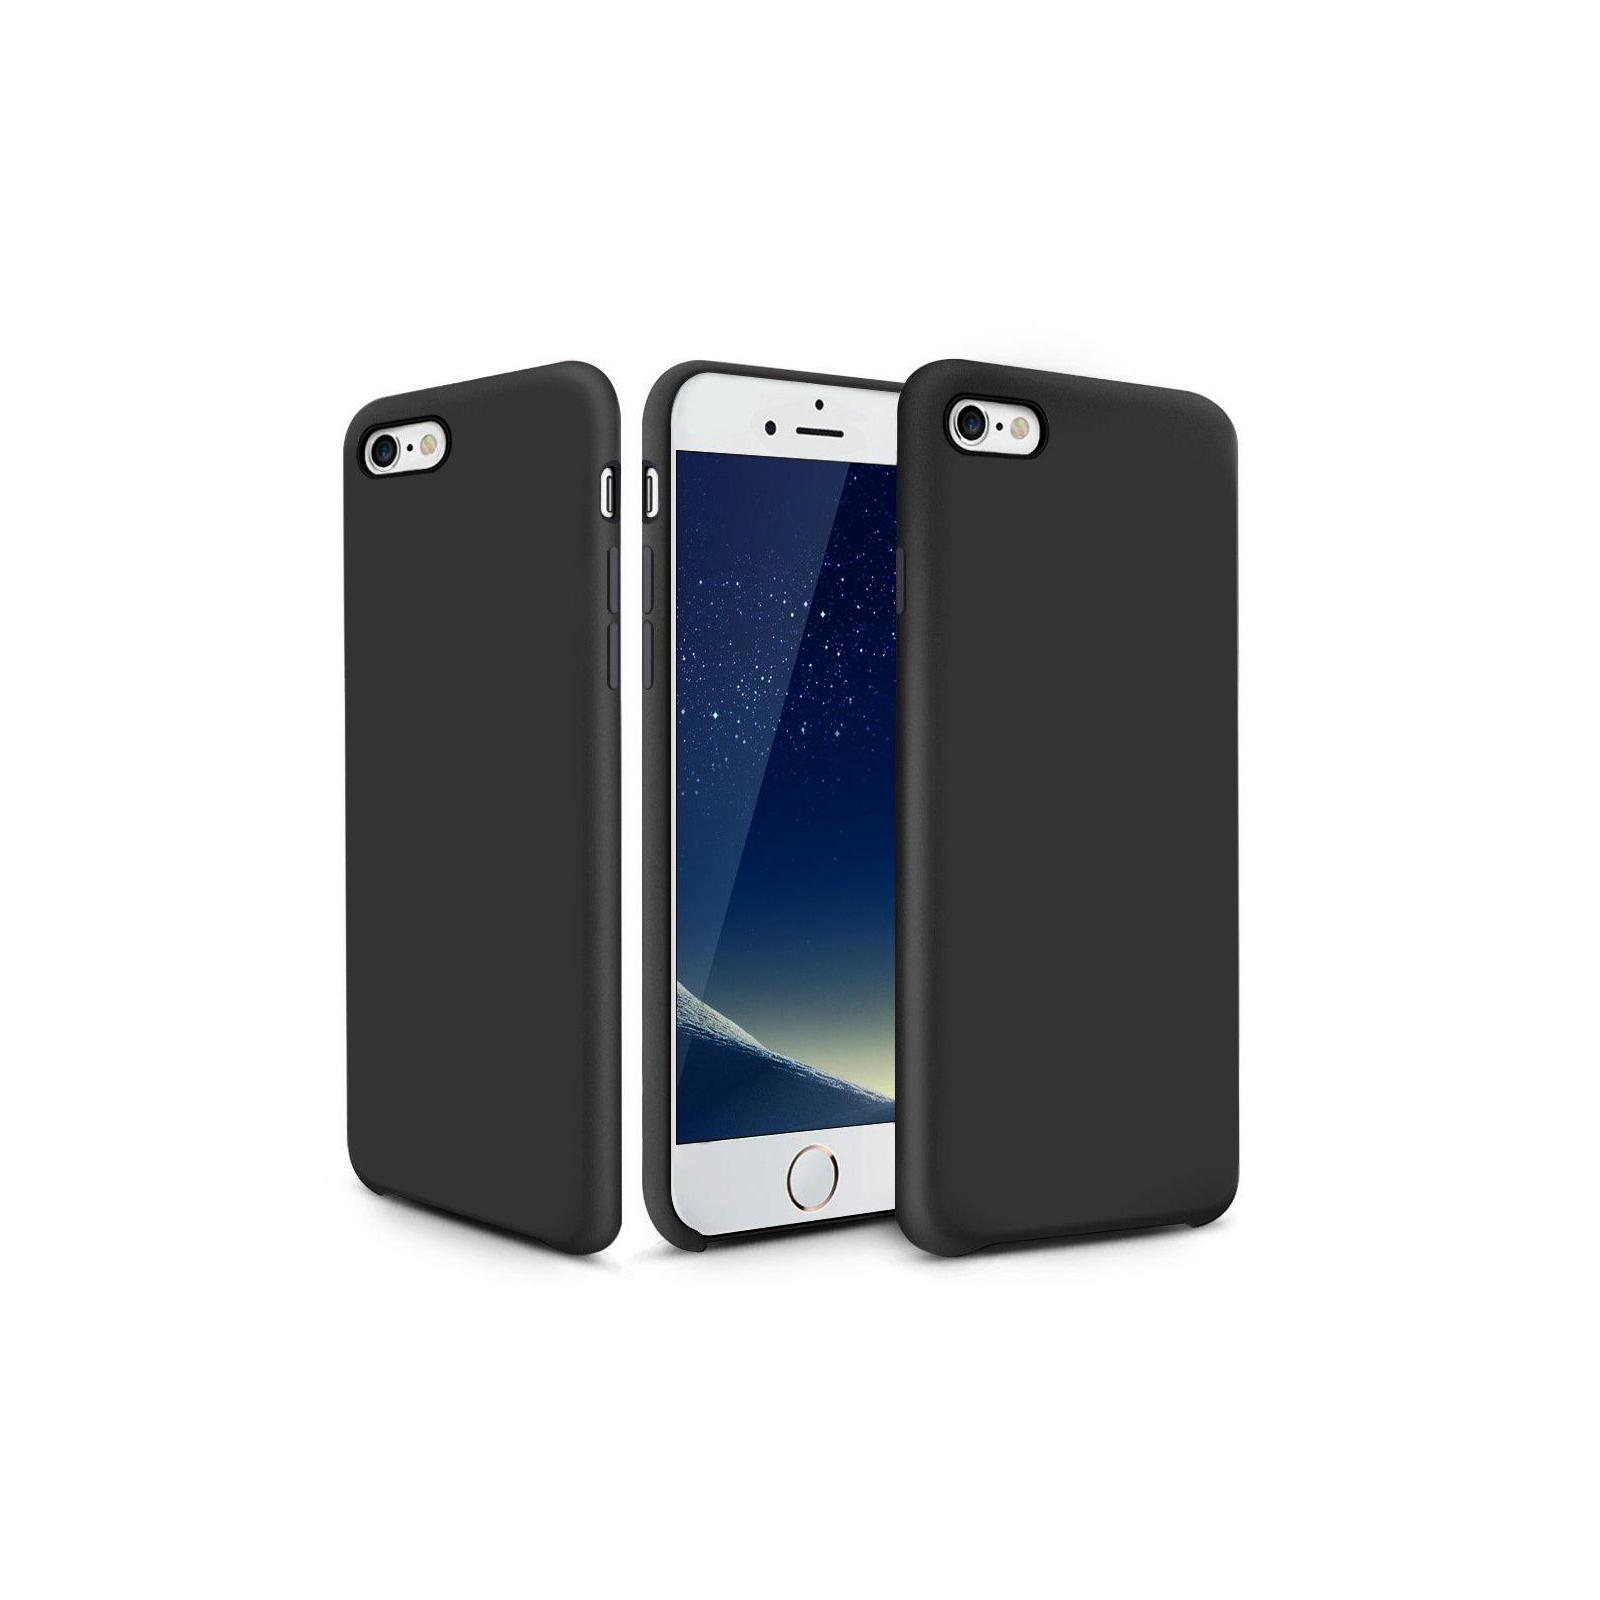 Чехол для моб. телефона Laudtec для iPhone 6/6s liquid case (black) (LT-I6LC) изображение 7